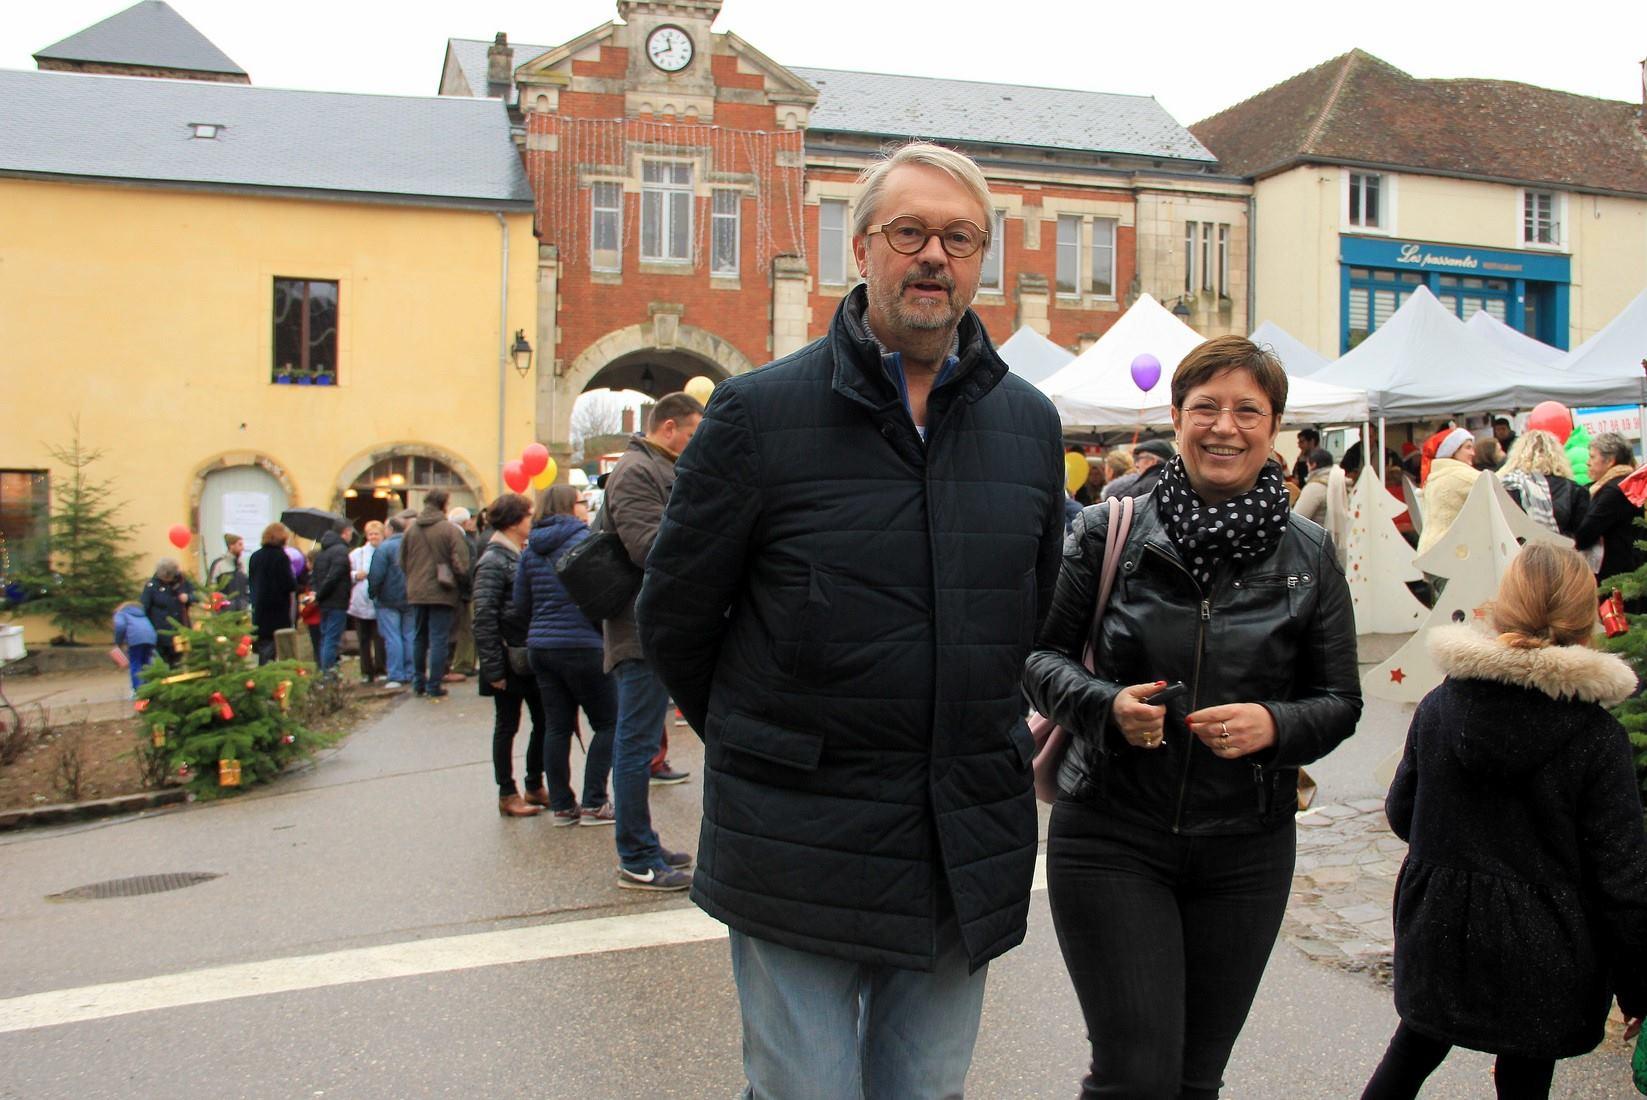 Marché de Noel de Saint-Sauveur-en-Puisaye, le 23 décembre